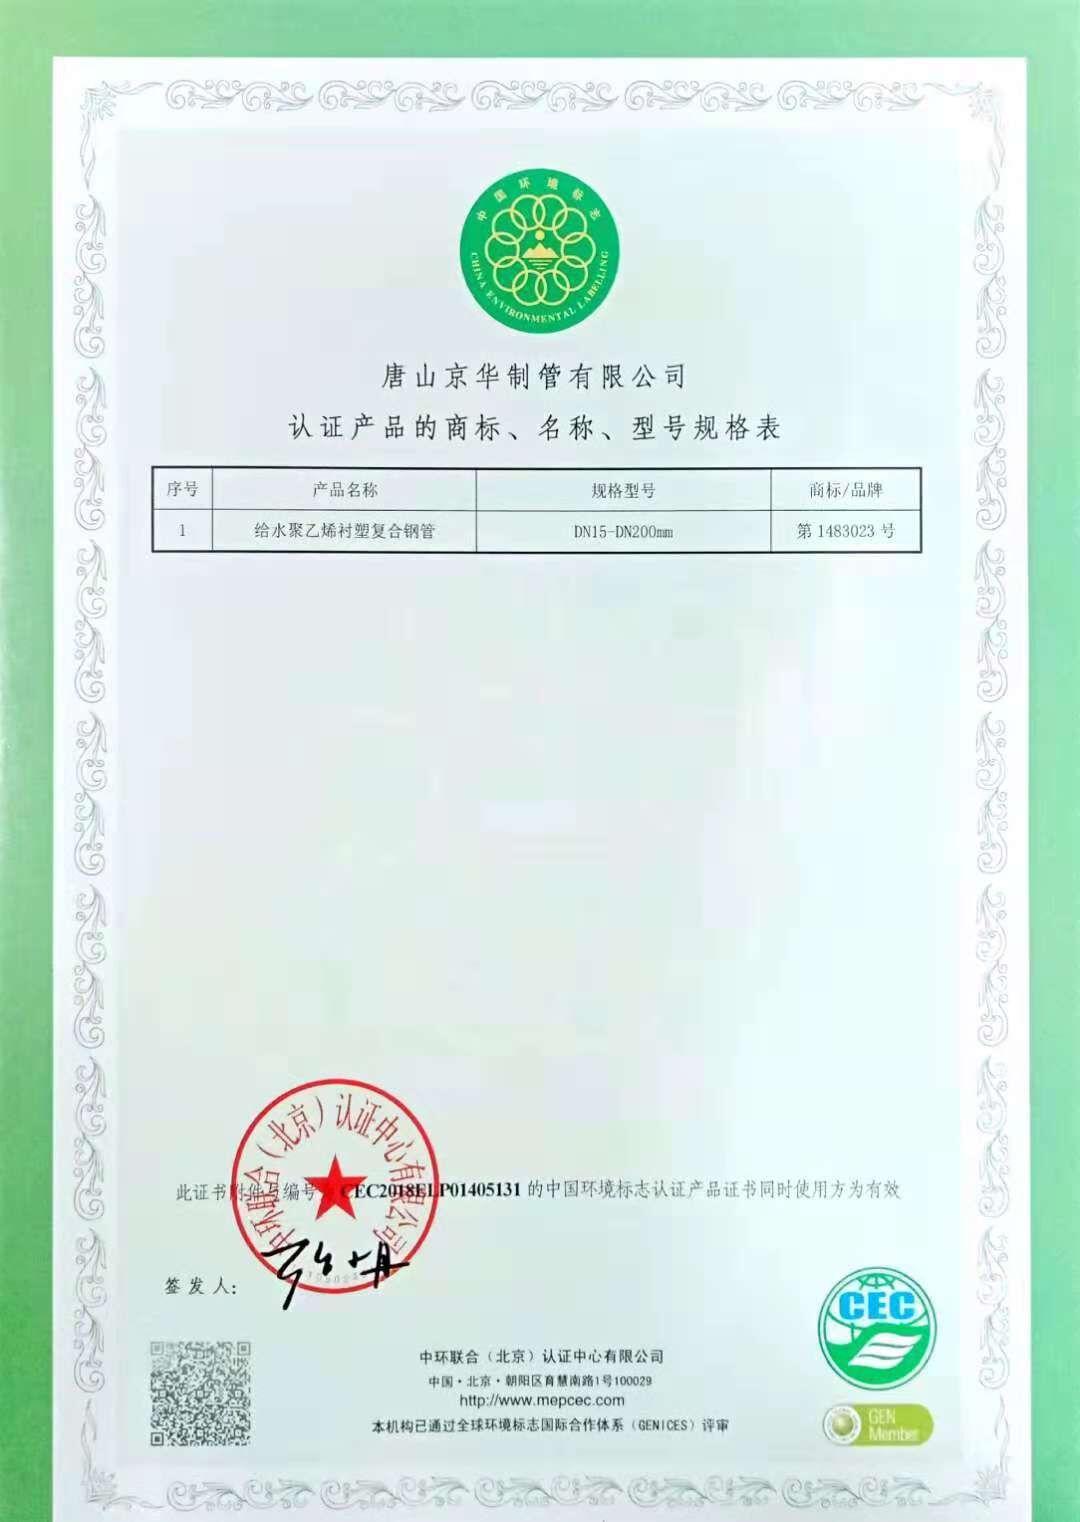 中国环境标志产品认证竞博jbo软件下载